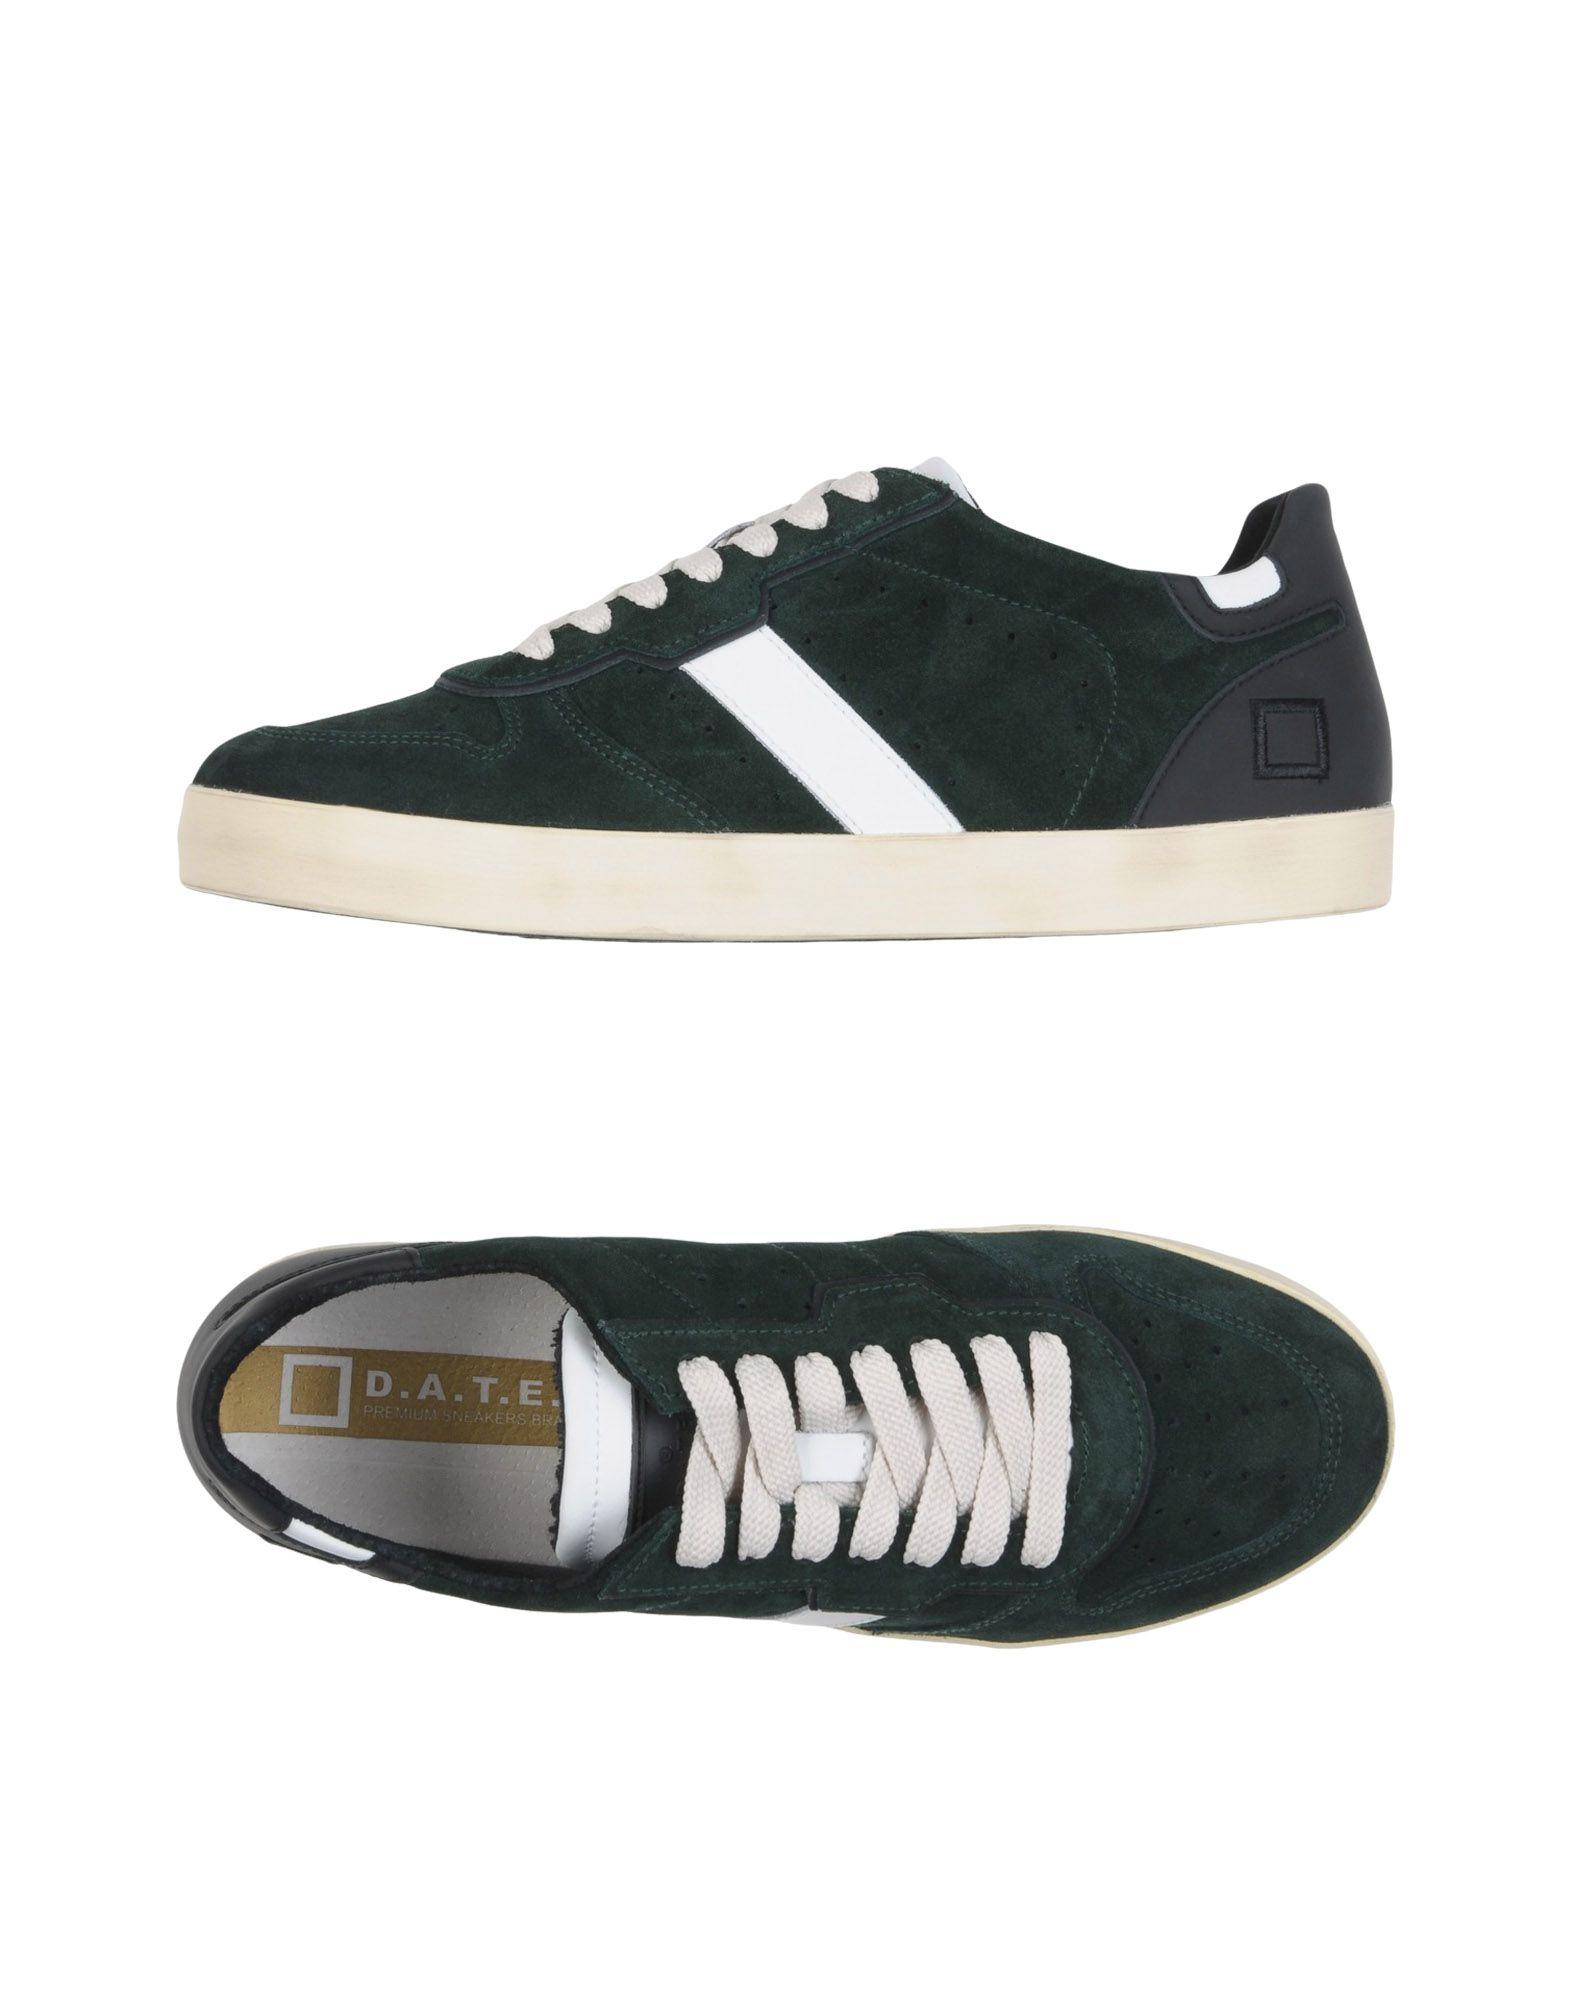 Sneakers D.A.T.E. Uomo - 11303857PW Scarpe economiche e buone